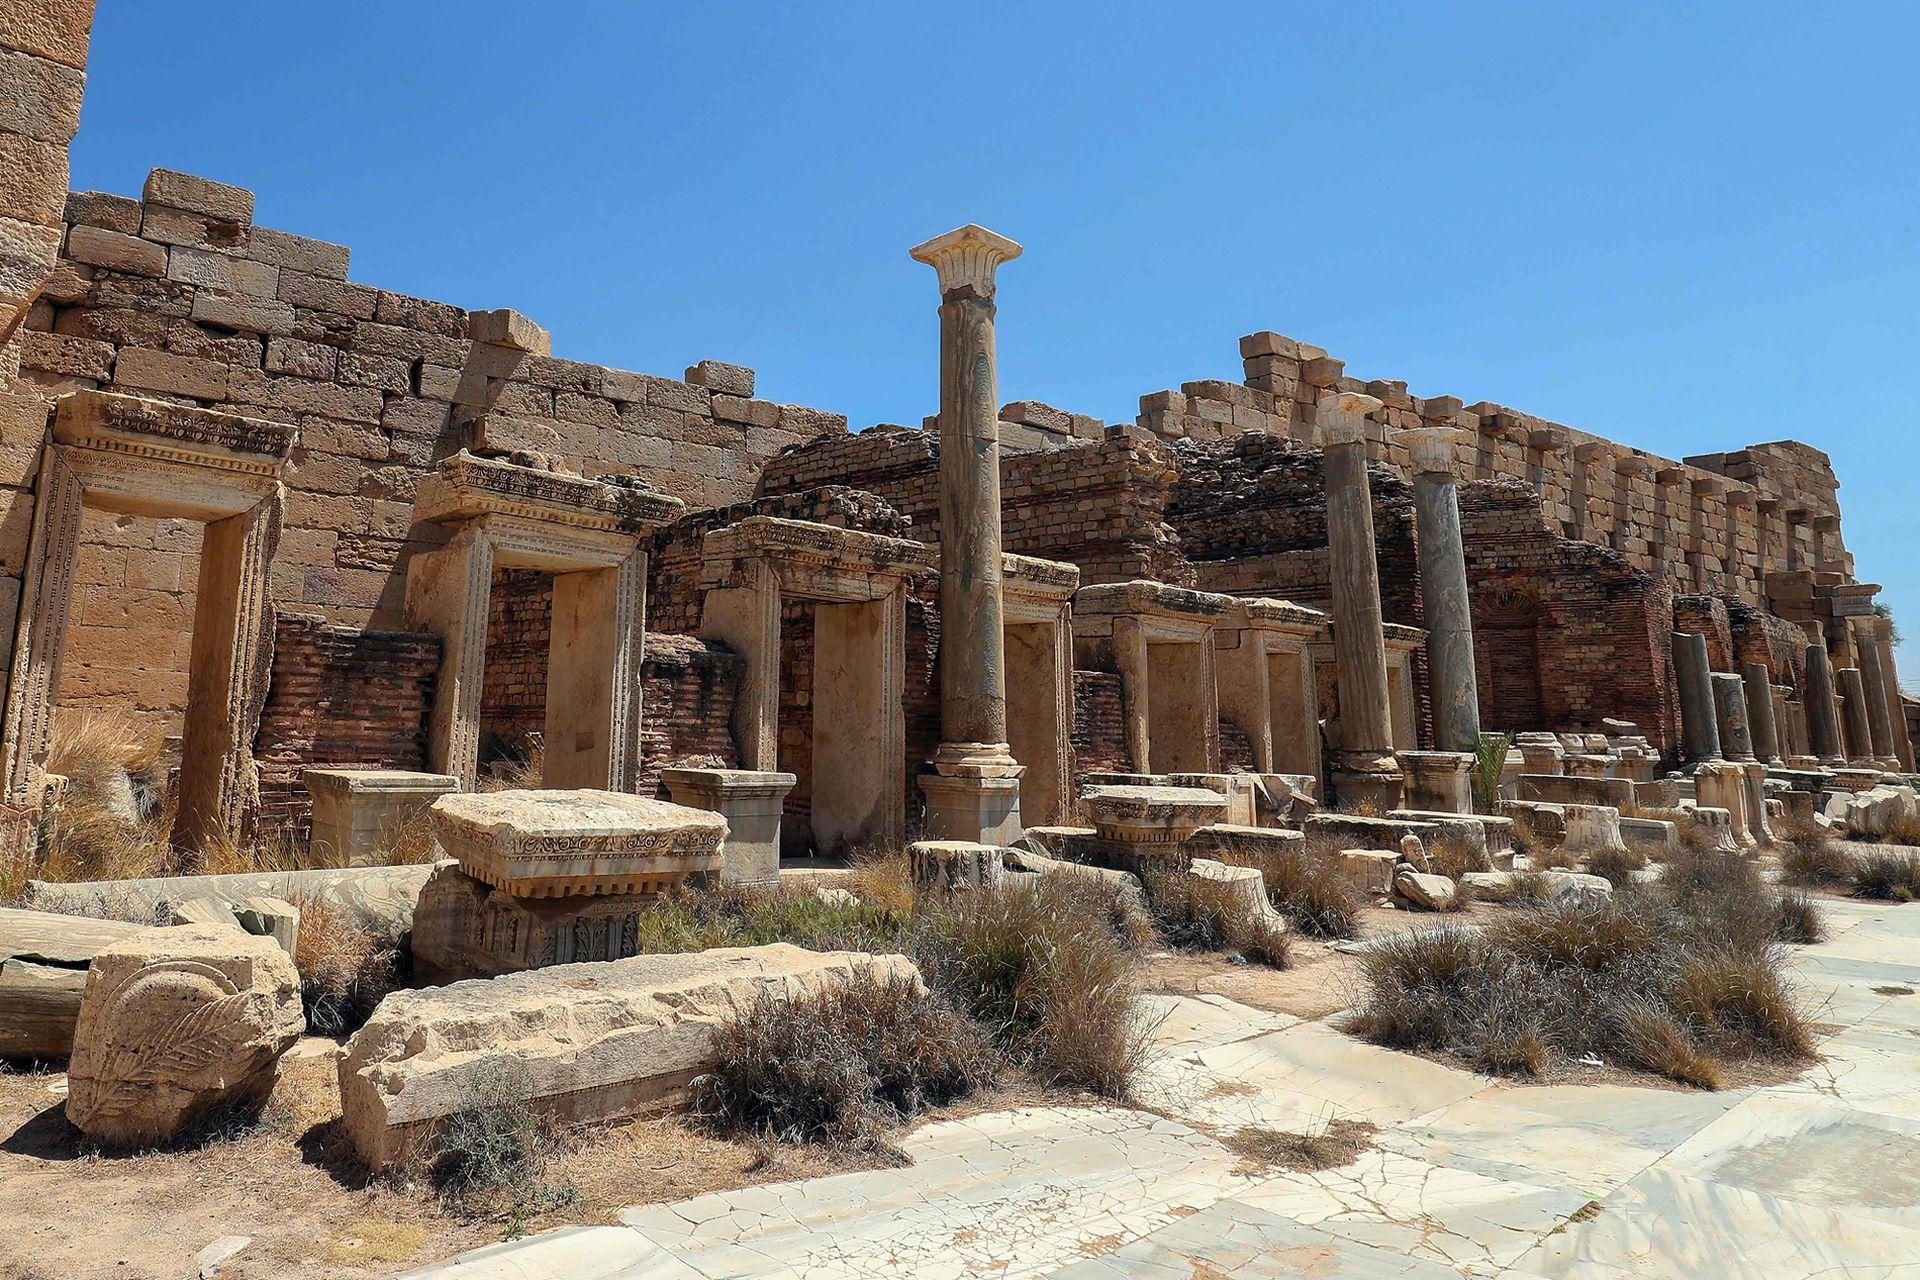 """Visitar esta antigua ciudad romana en la costa sur del Mediterráneo es """"un viaje en el tiempo, una inmersión en la historia"""", comenta Abdesalam Ueba, un visitante libio de unos 60 años"""